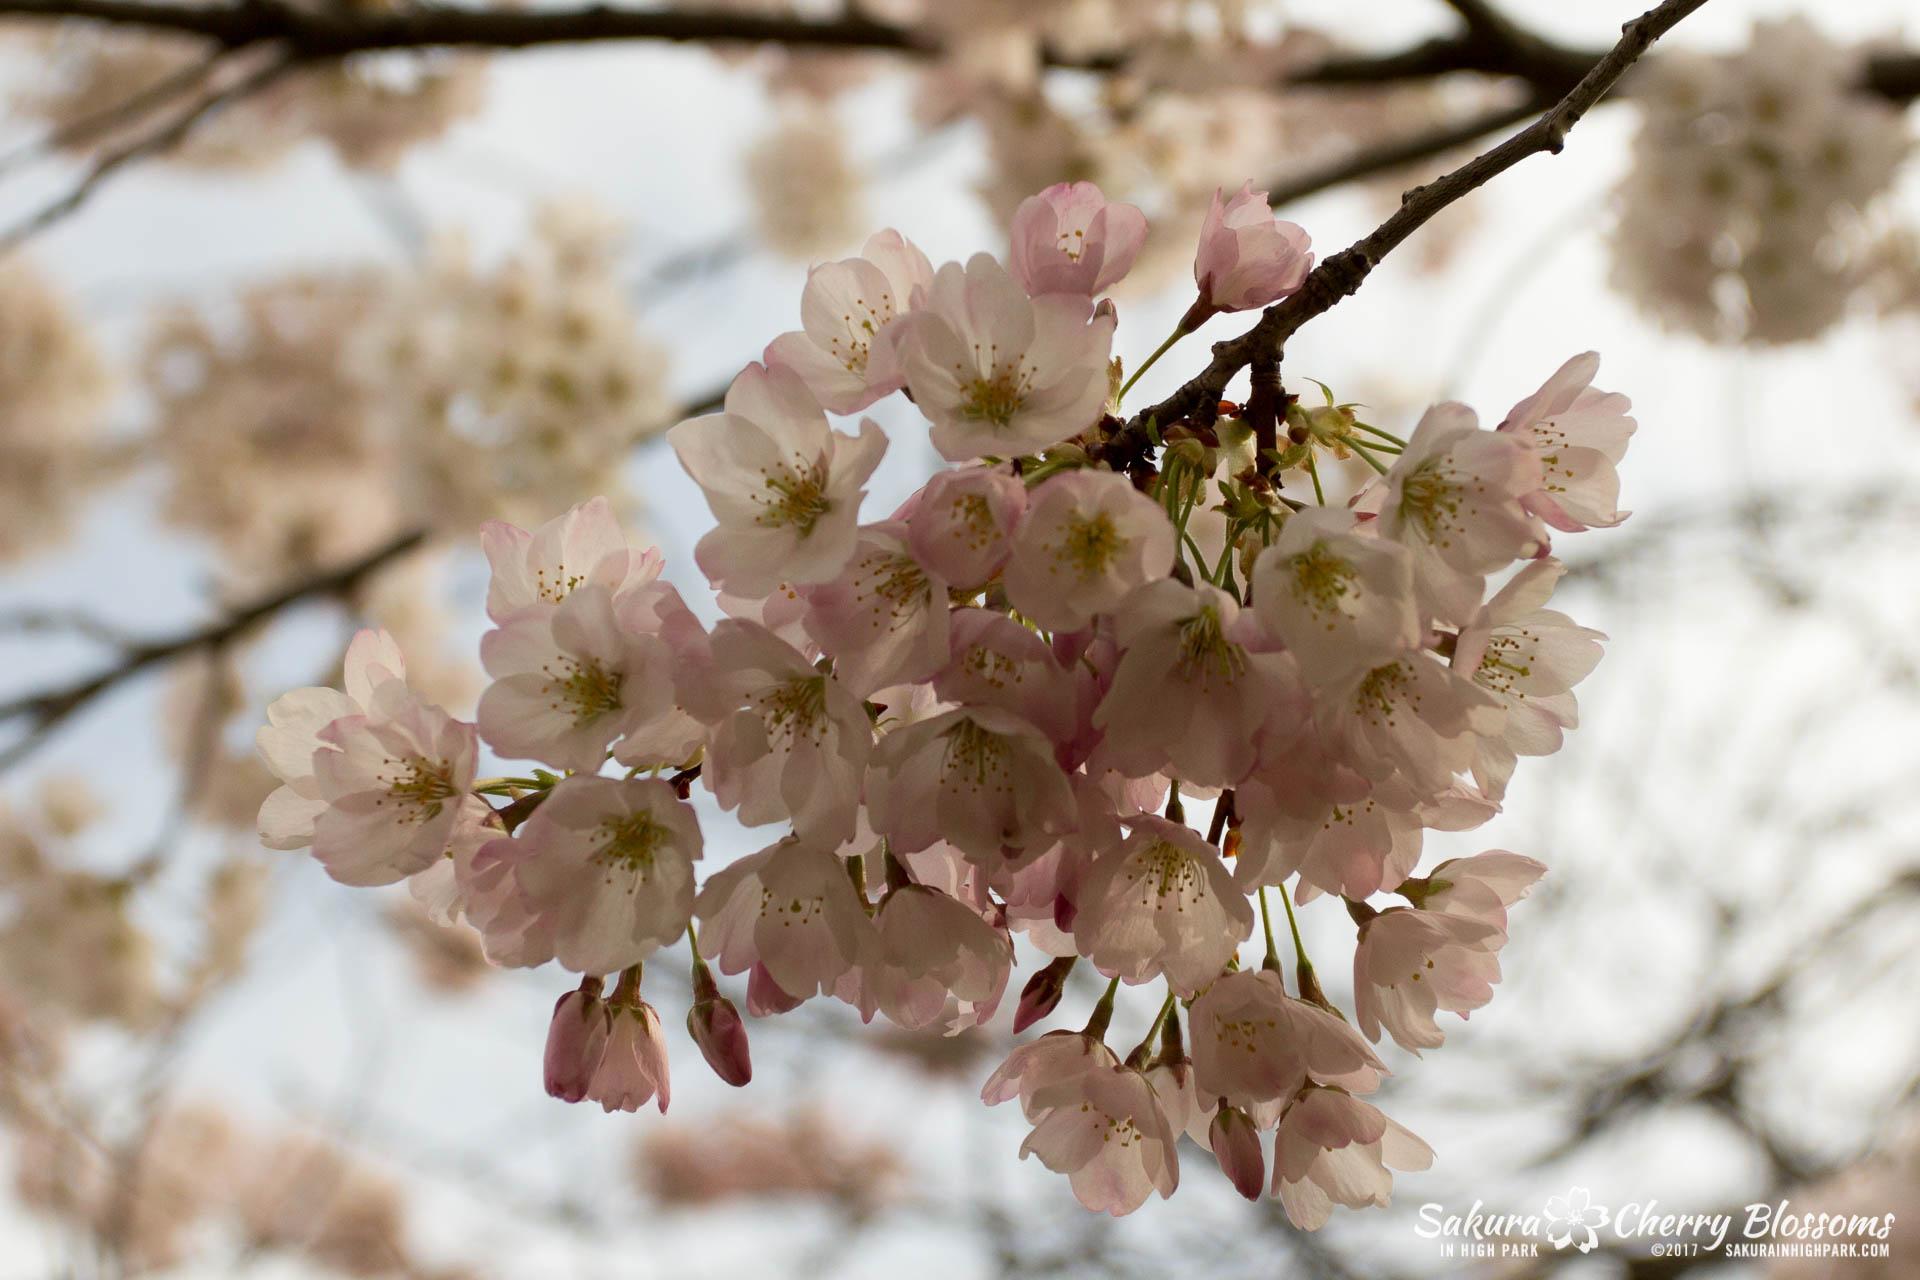 Sakura-Watch-April-28-2017-full-bloom-throughout-High-Park-5880.jpg